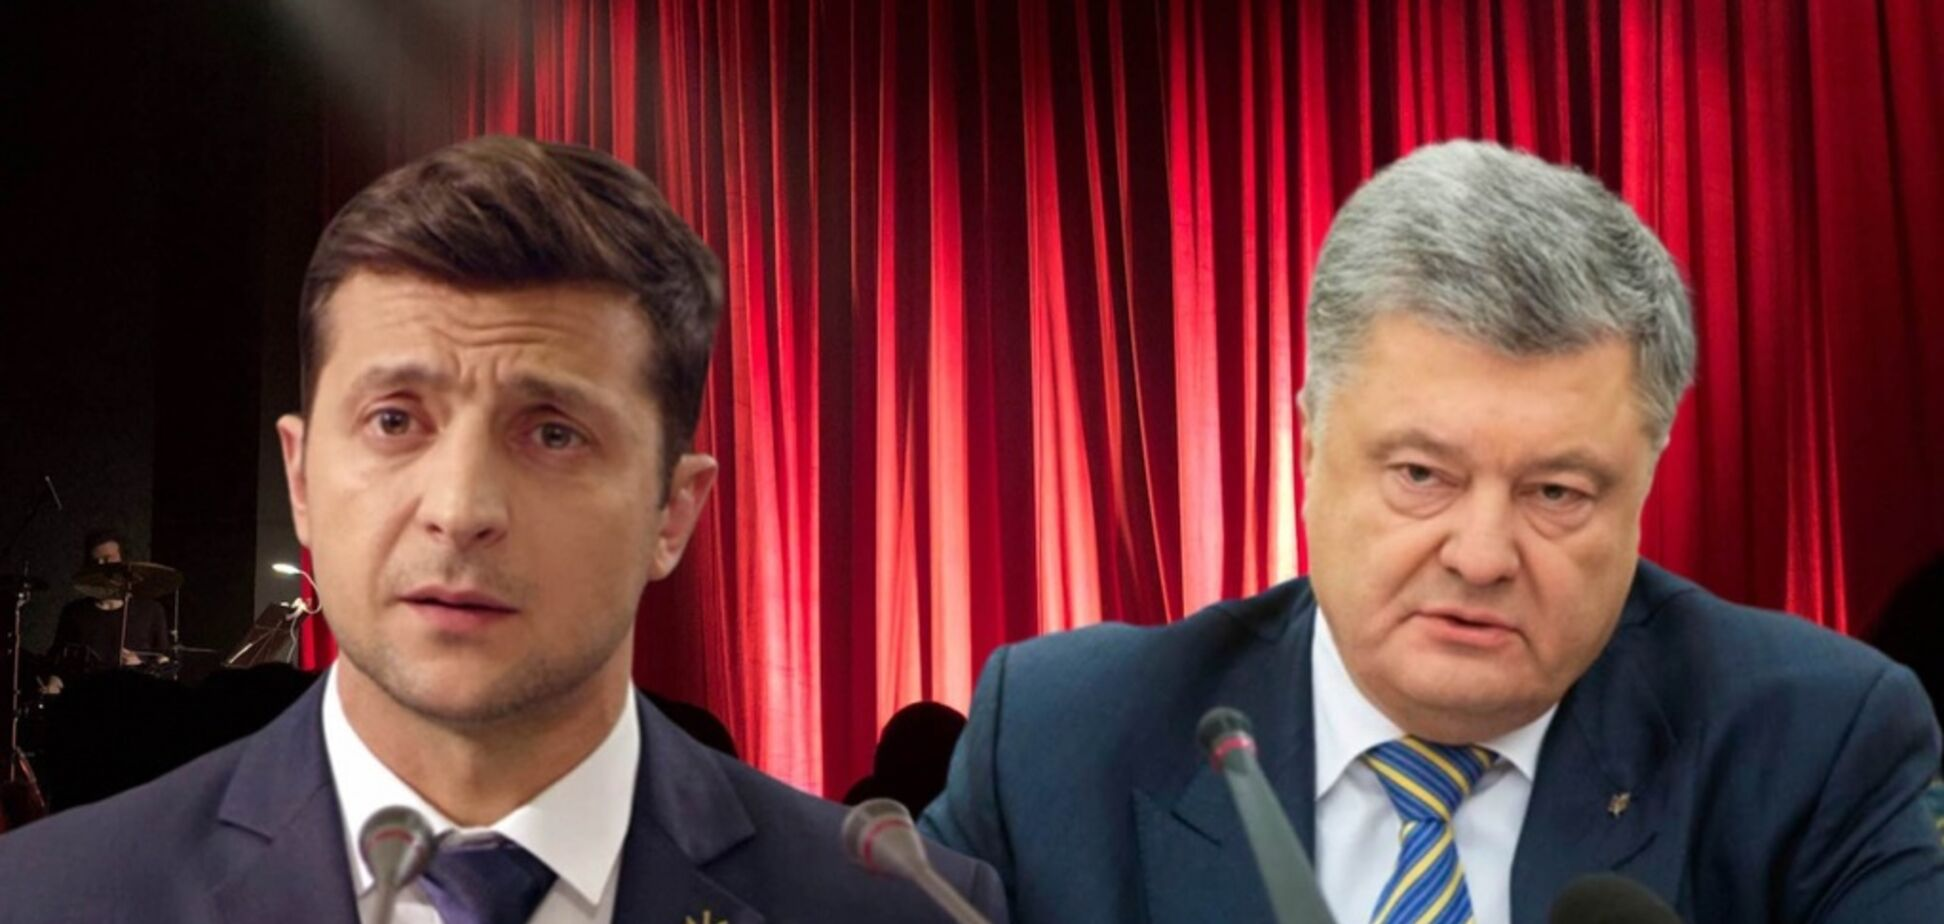 Про що не домовилися кандидати: розкрито деталі дебатів Порошенка і Зеленського